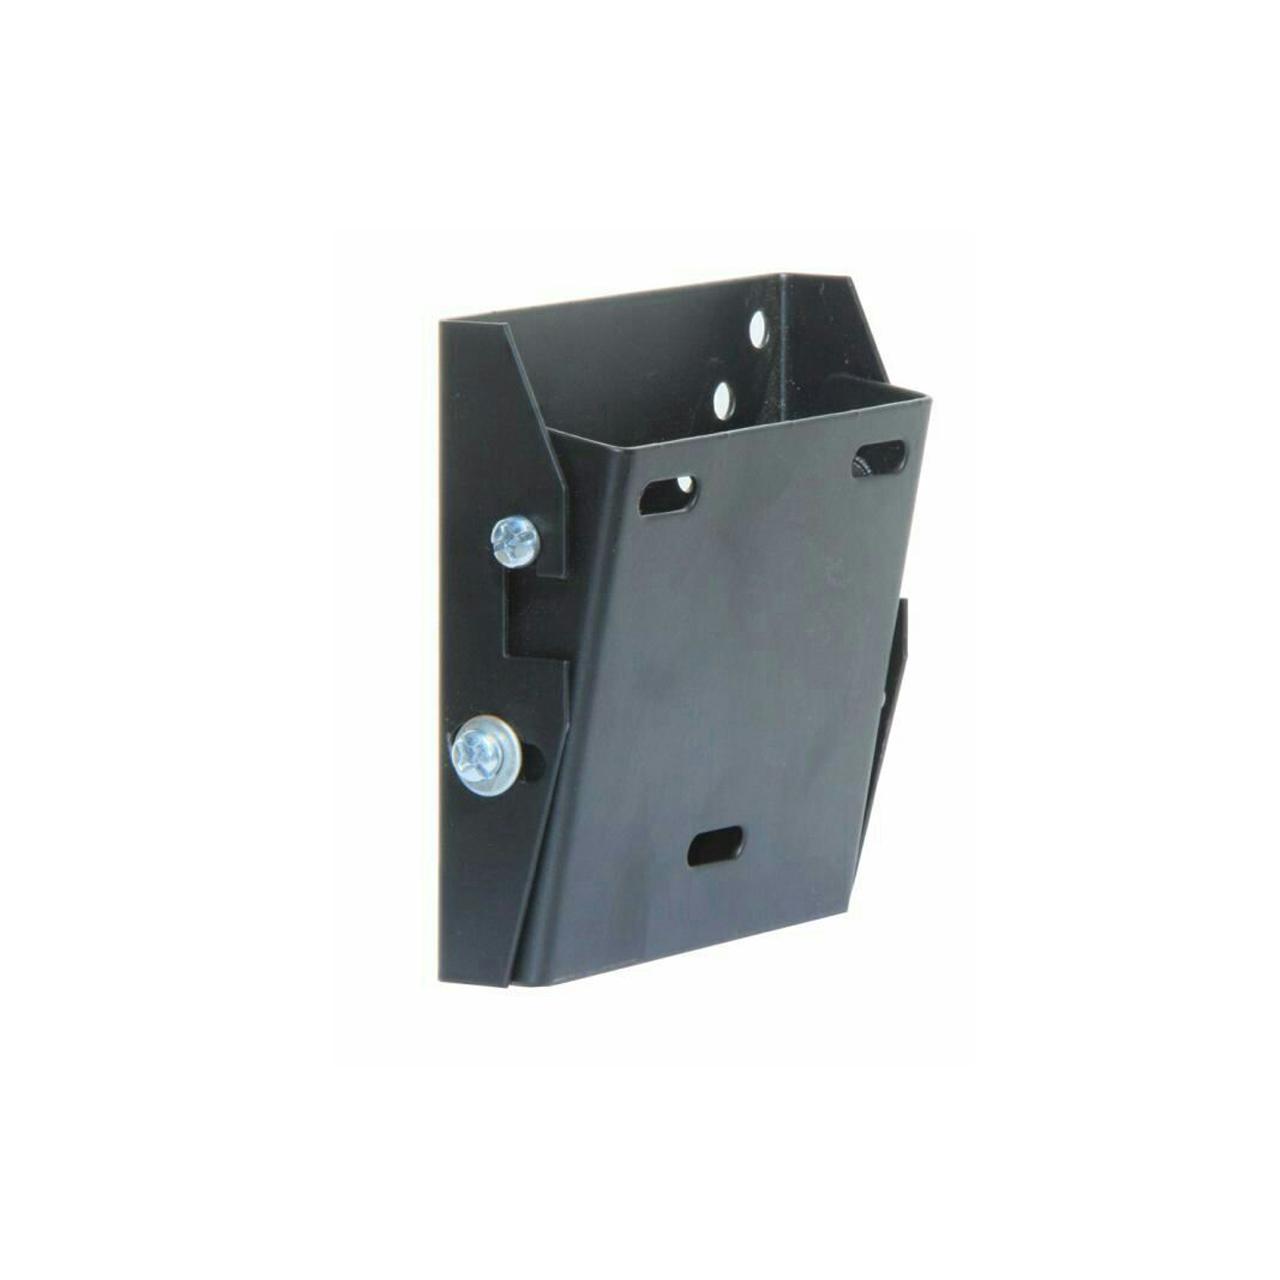 پایه دیواری تی وی آرم مدل T4 مناسب مانیتور های سایز 15 تا 22 اینچ